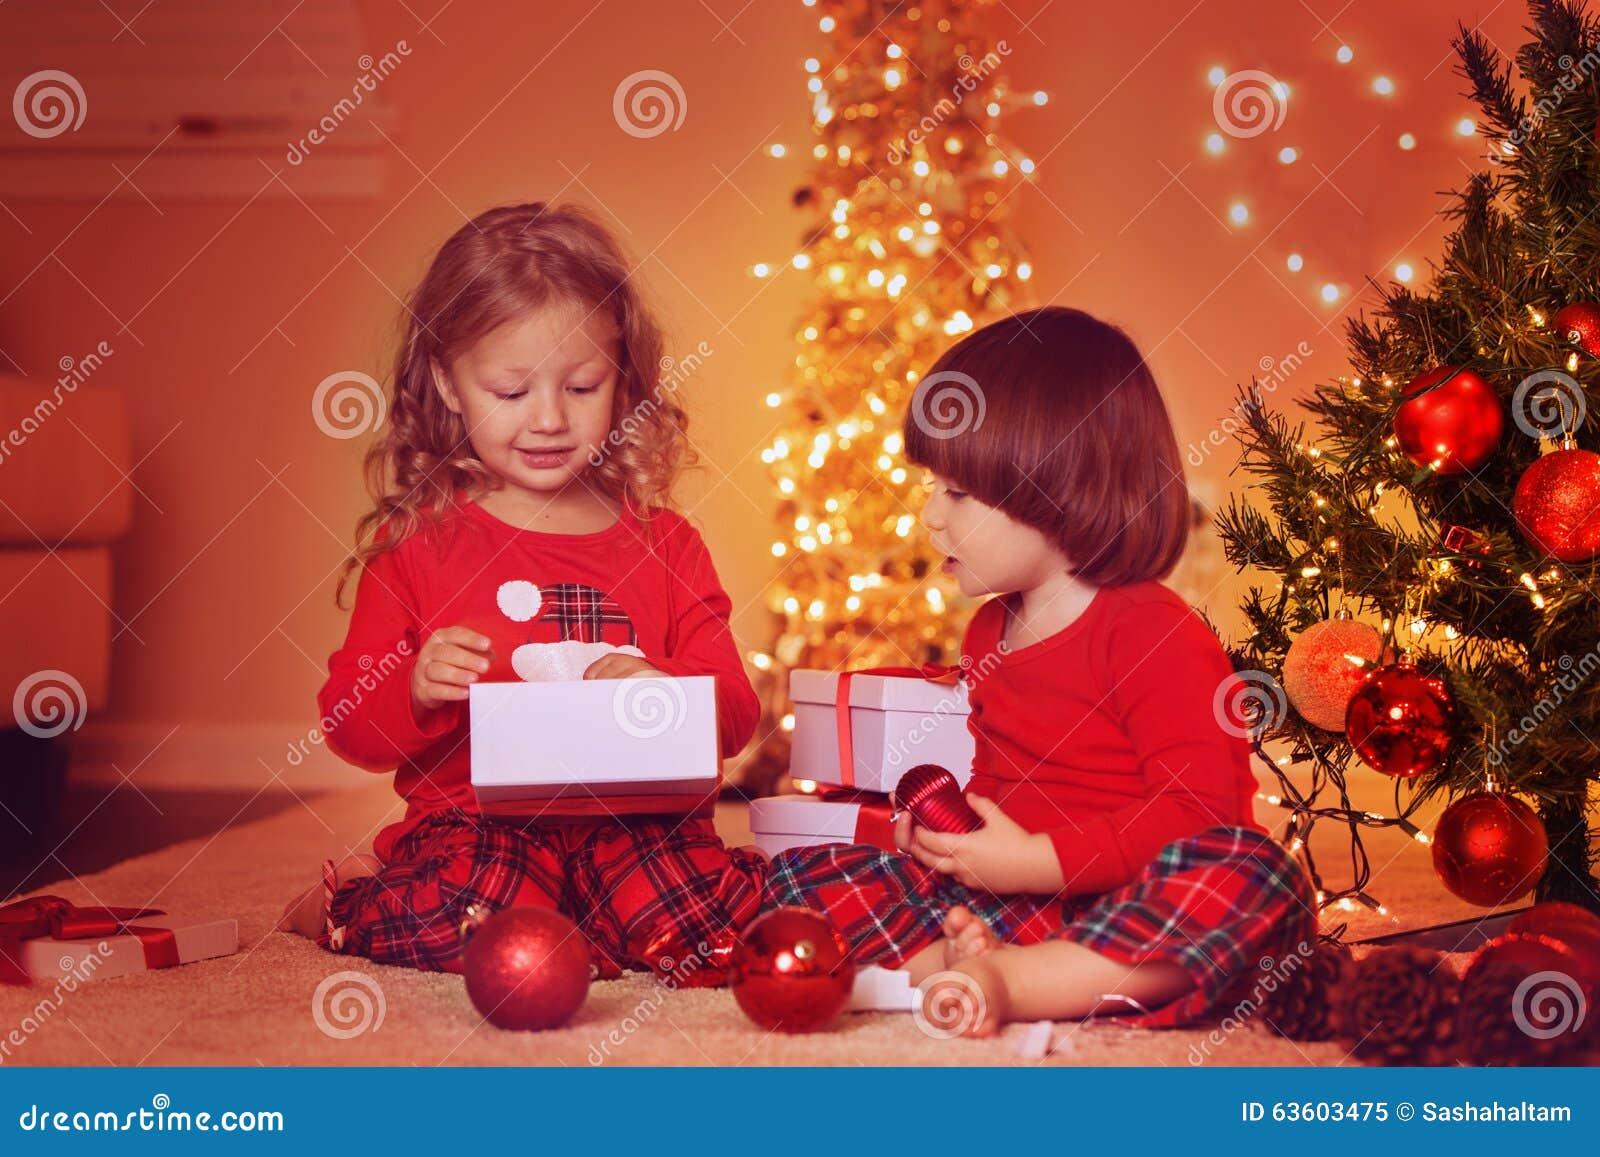 Schwester Und Bruder, Die Weihnachtsgeschenke Auspacken Stockbild ...